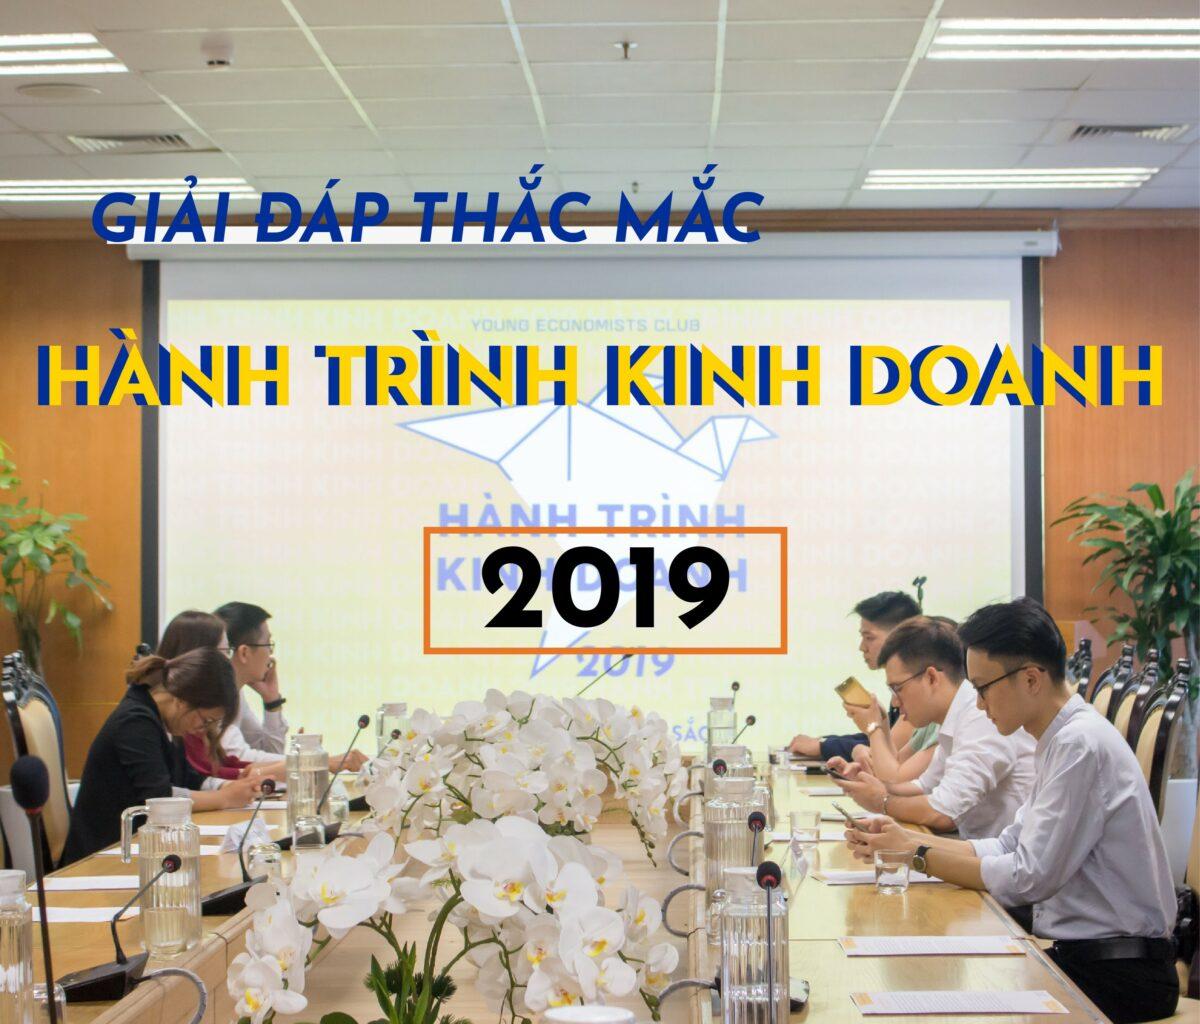 """GIẢI ĐÁP THẮC MẮC """"HÀNH TRÌNH KINH DOANH 2019"""": KHƠI NGUỒN BẢN SẮC"""